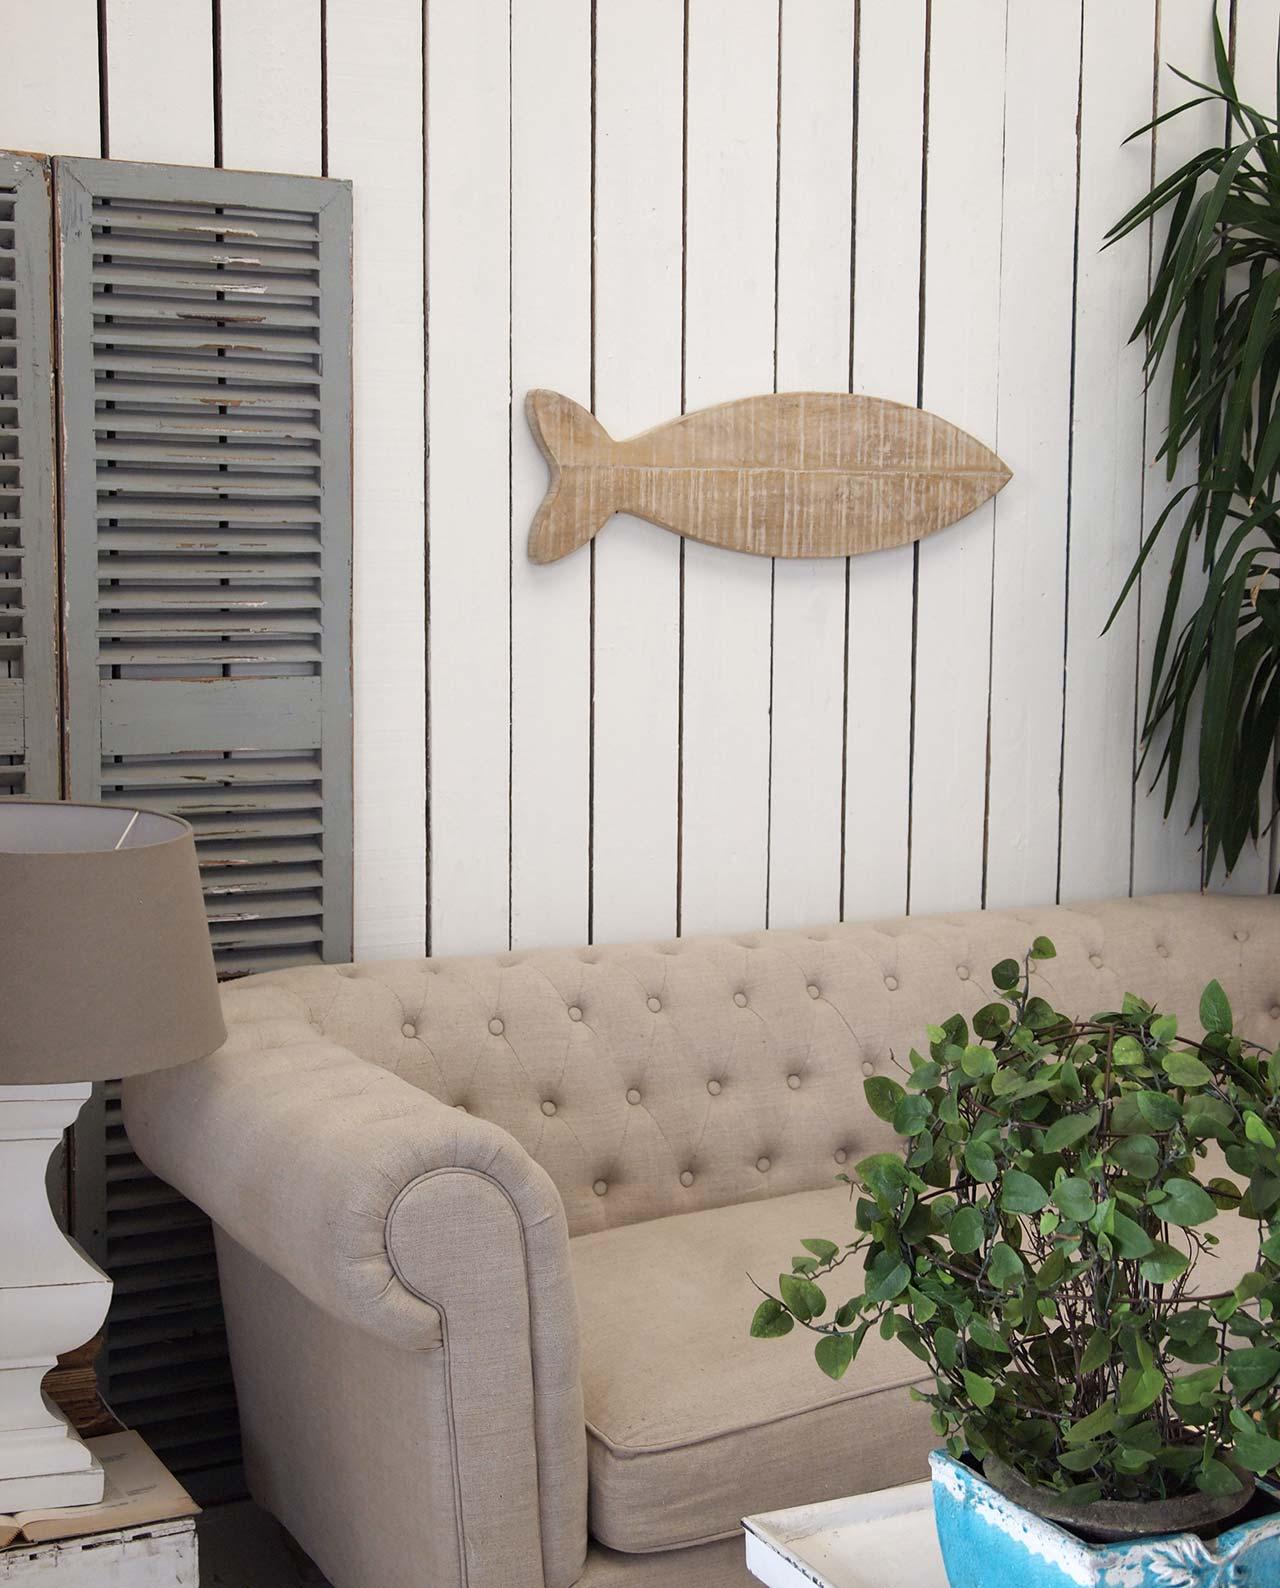 Decorare le pareti pannelli legno a forma di pesce - Parete di legno ...